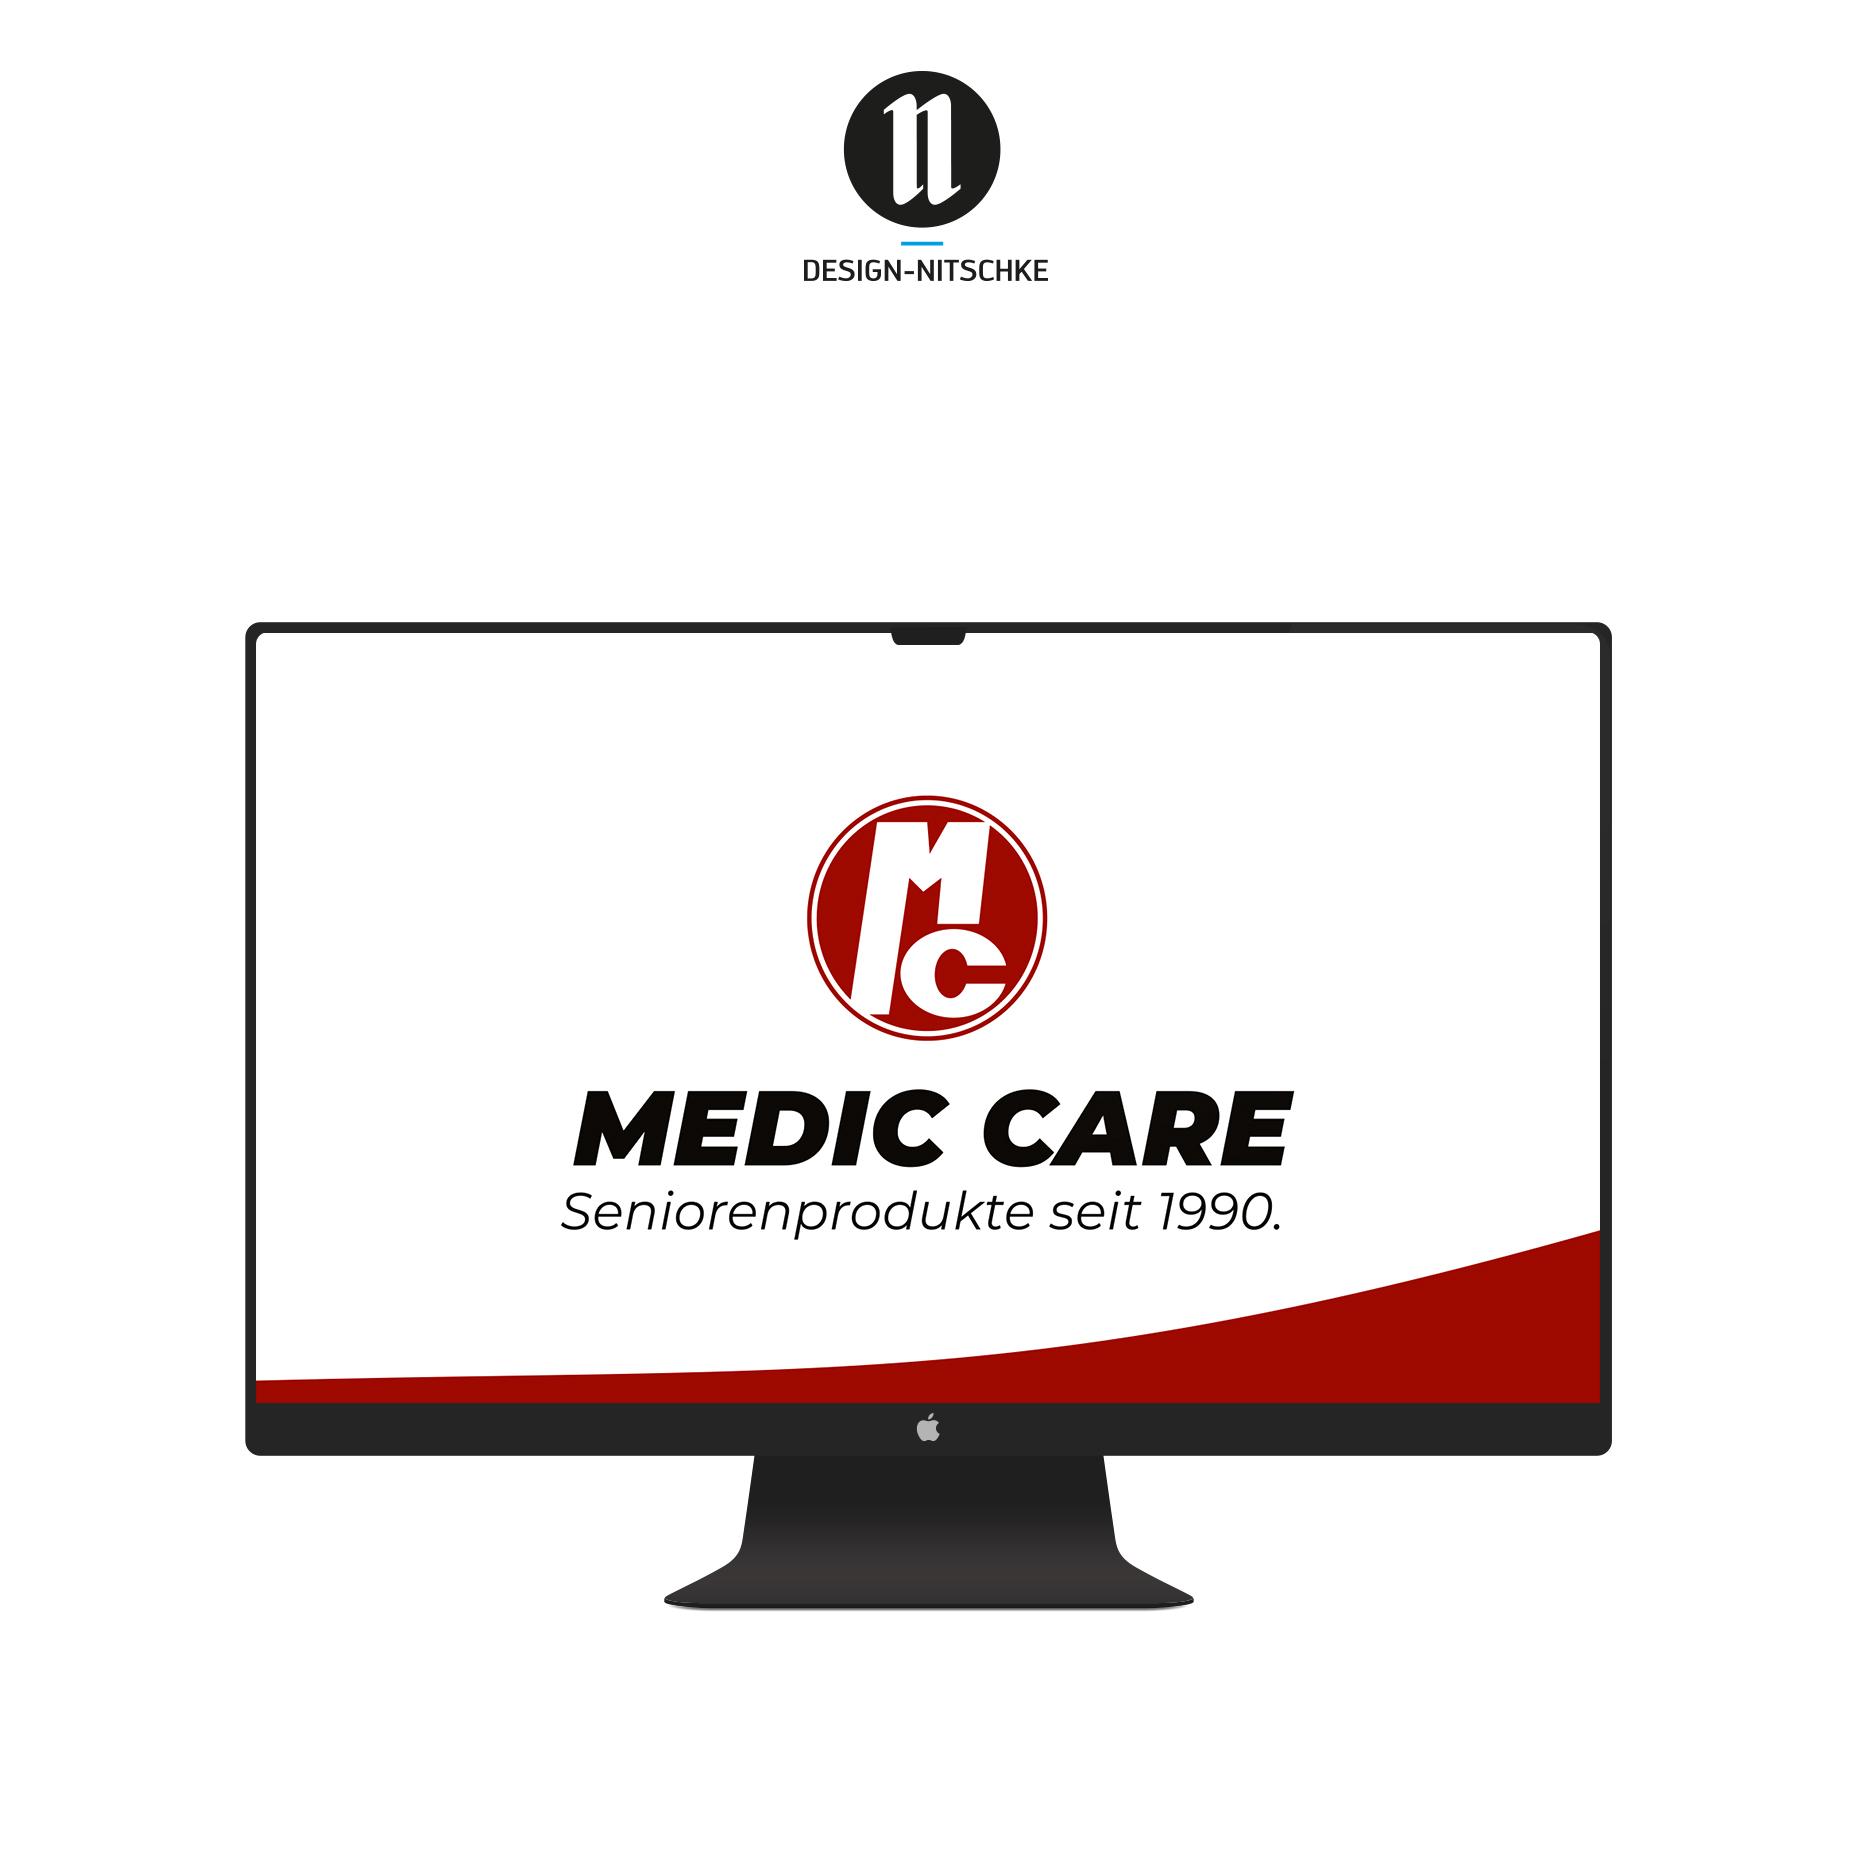 werbeagentur_oranienburg_nitschke_medic_care_seniorenprodukte_ci_logo_redesign_weiss.jpg